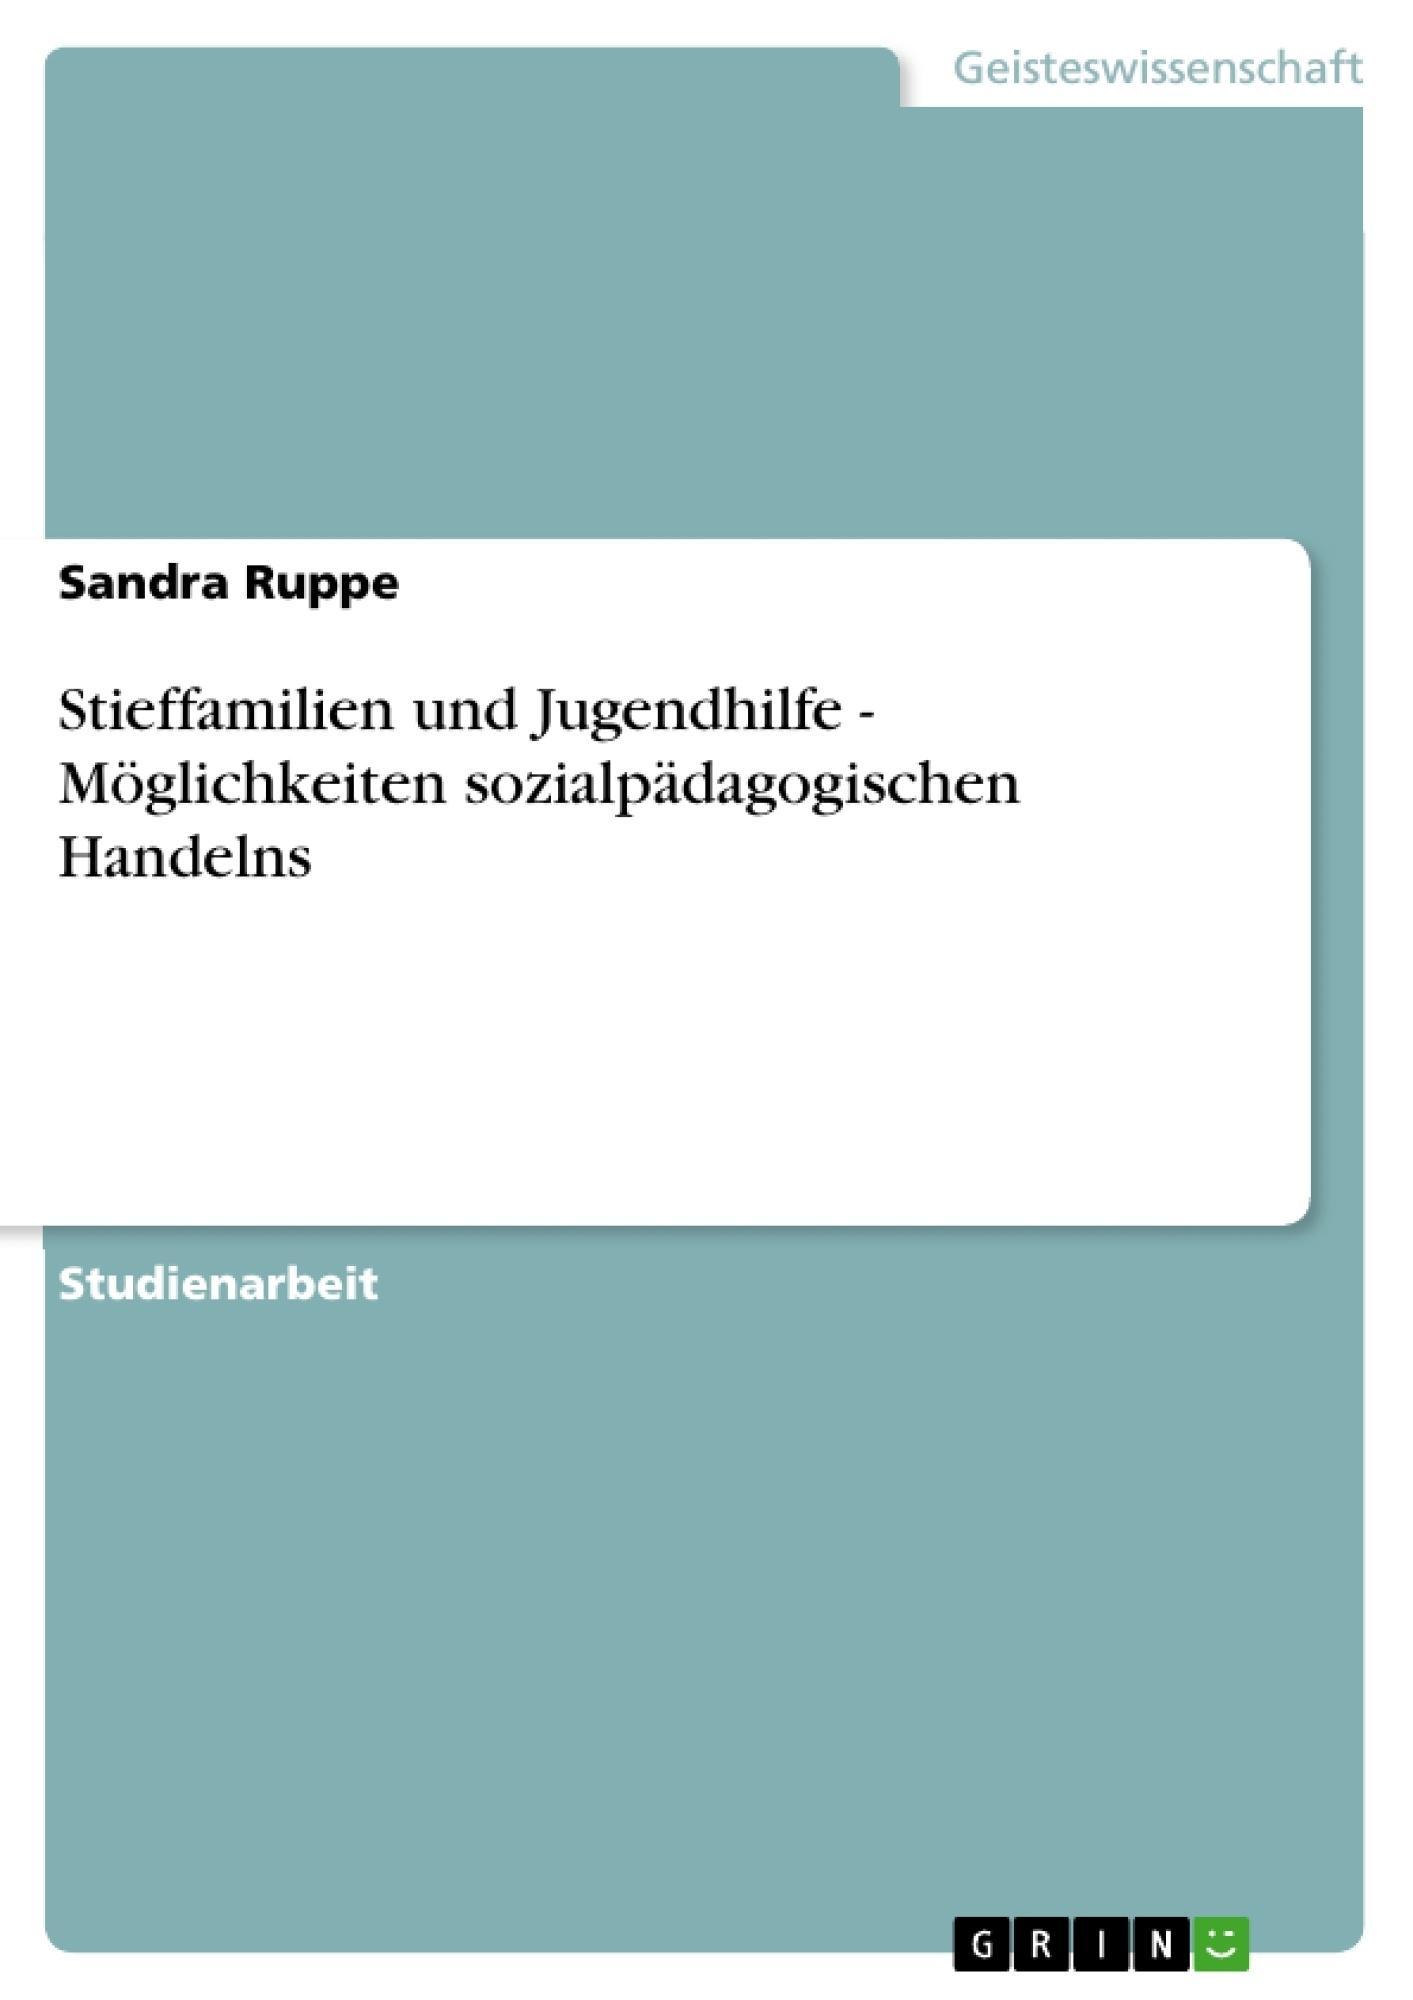 Titel: Stieffamilien und Jugendhilfe - Möglichkeiten sozialpädagogischen Handelns